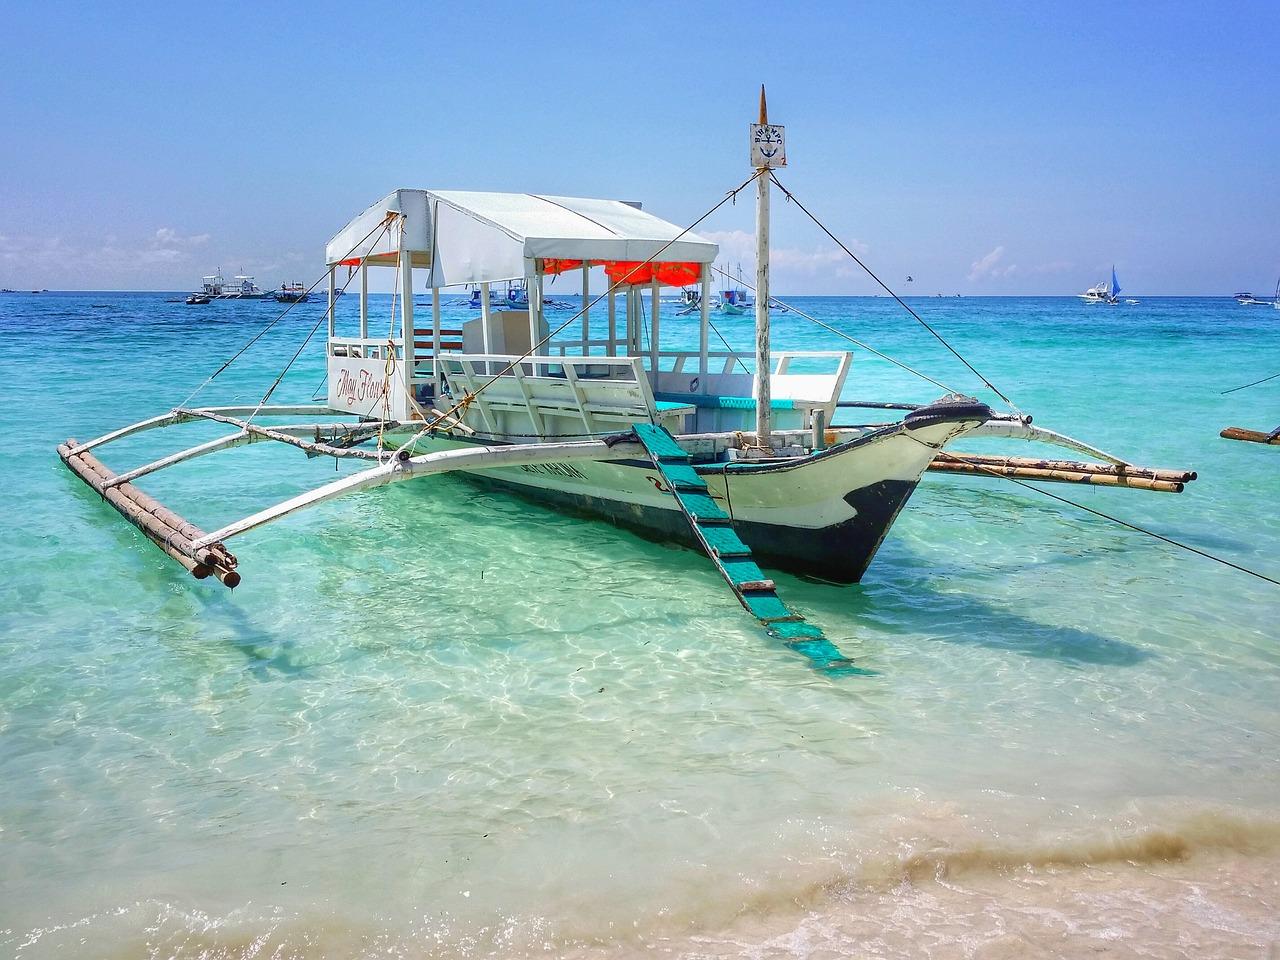 החוף הלבן בבורקאי, הפיליפינים